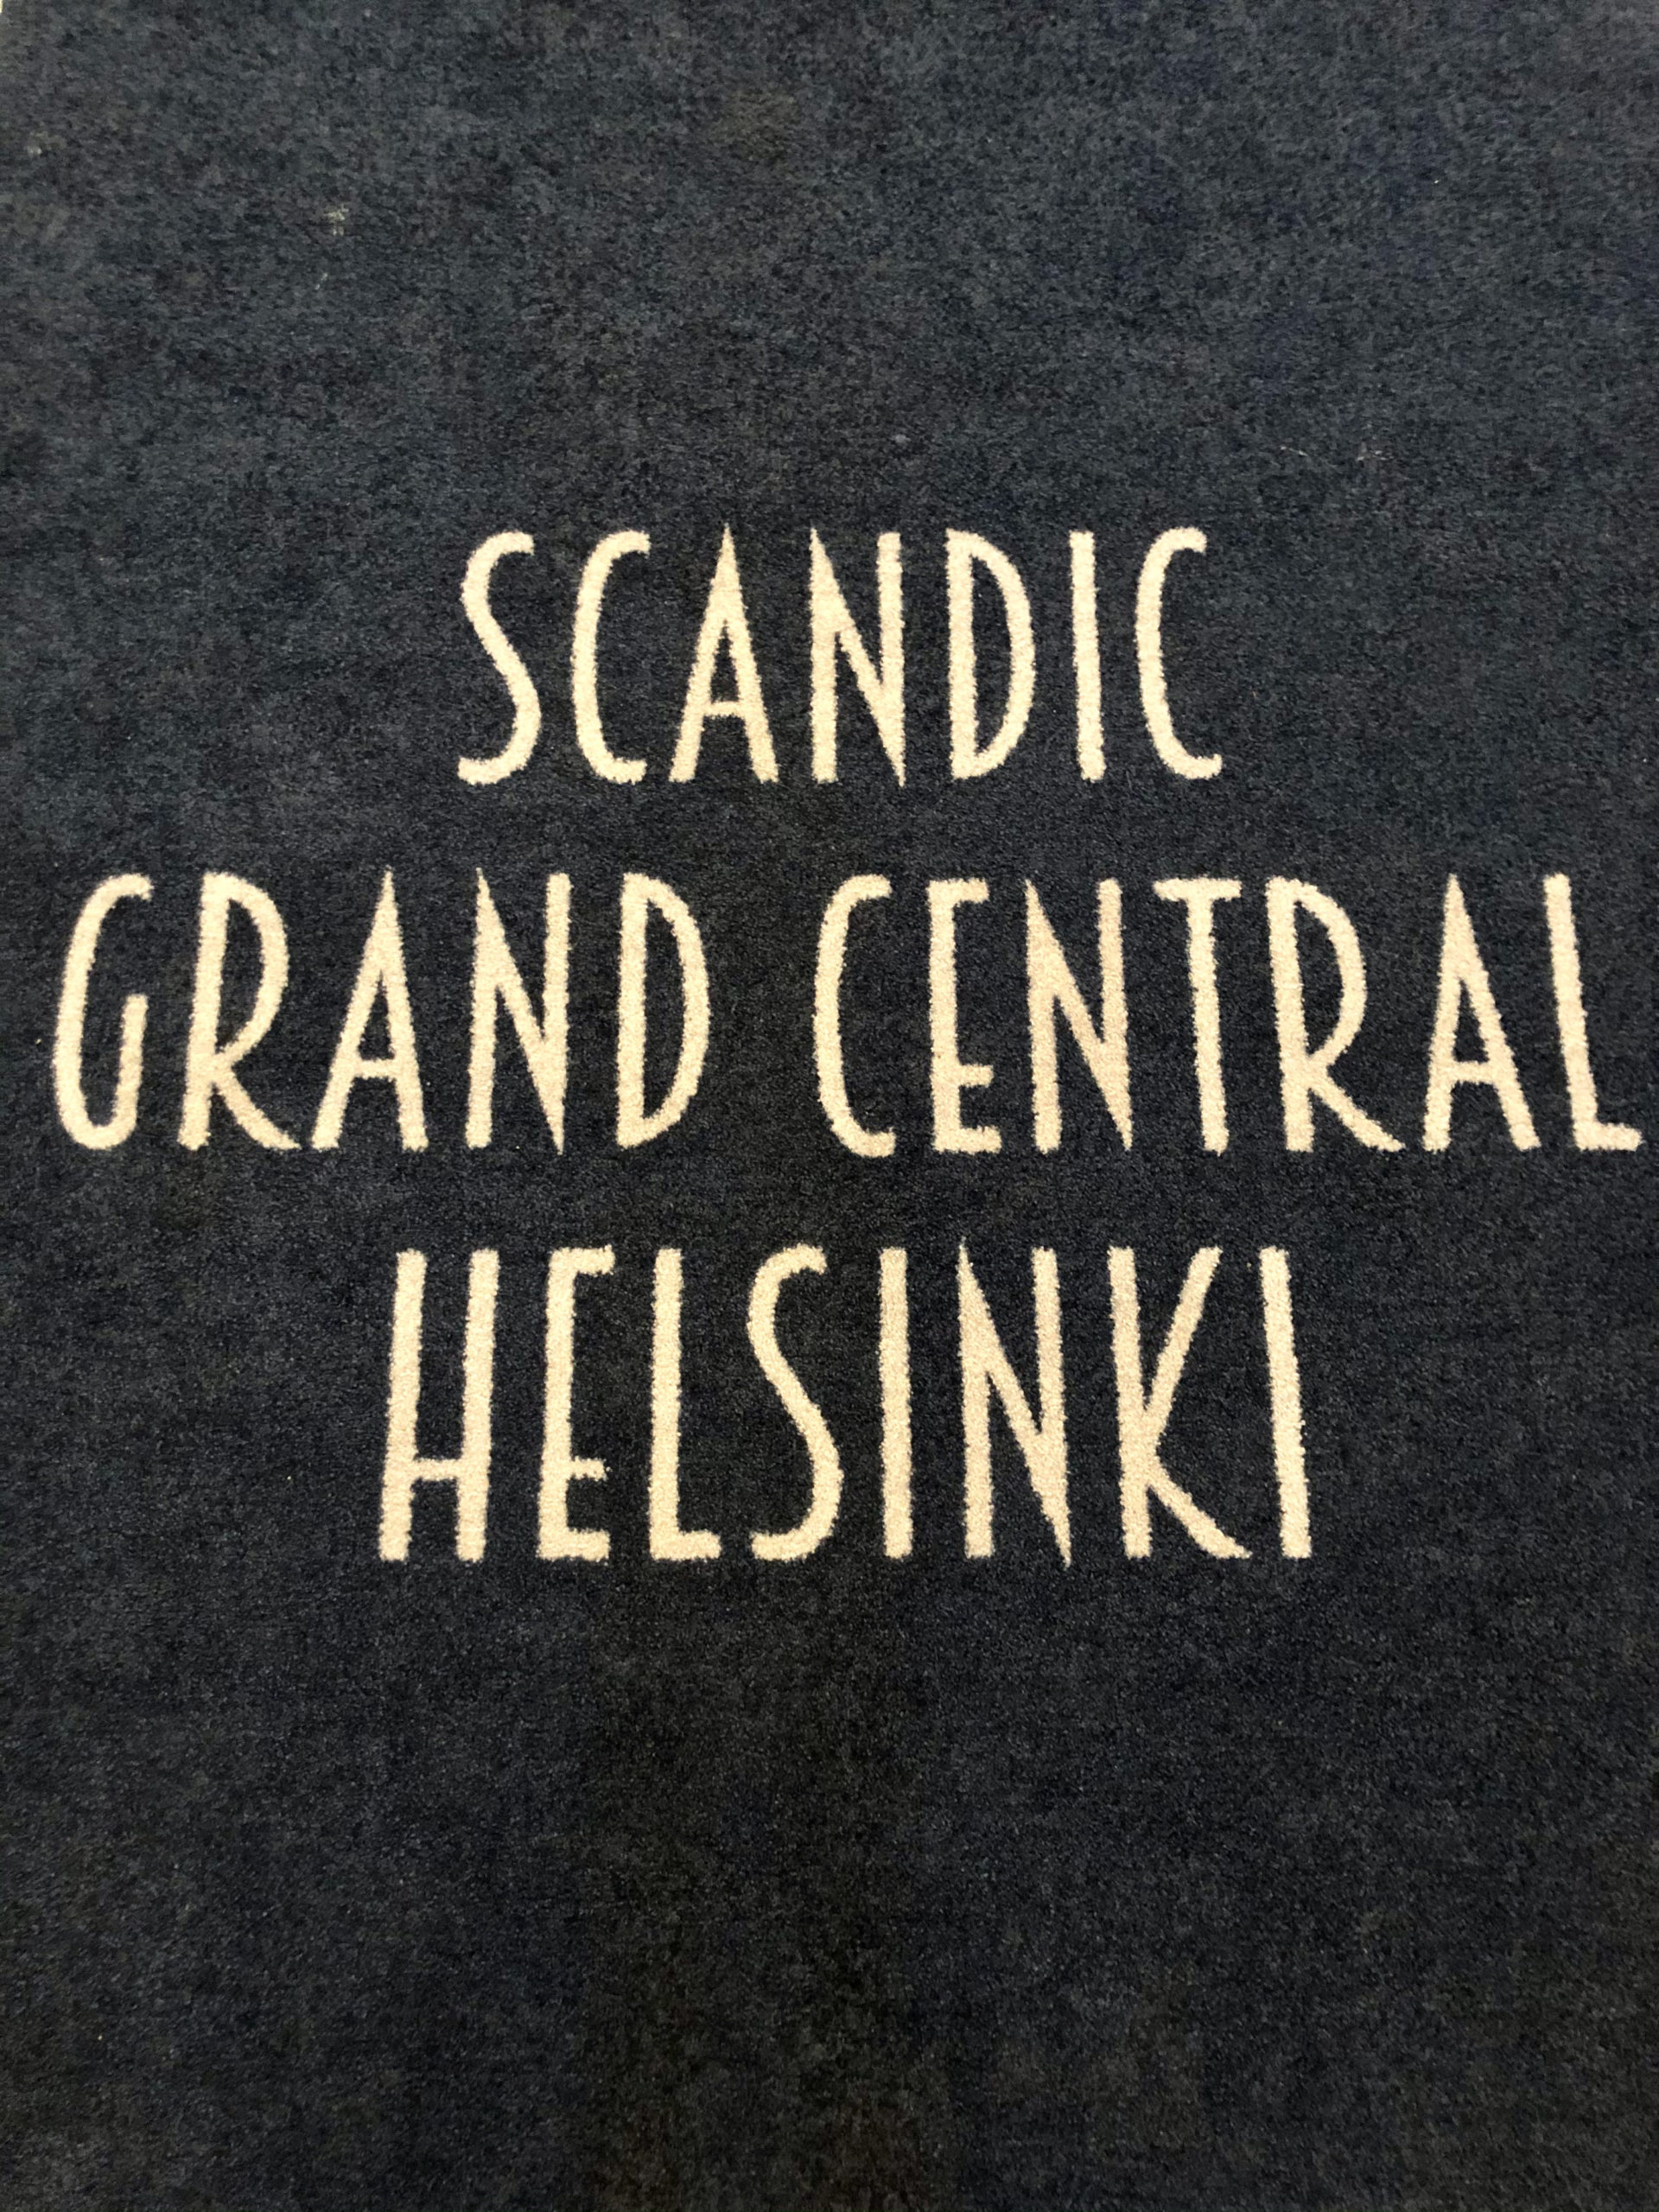 Scandic Grand Central tarjoaa hotellielämyksen matto